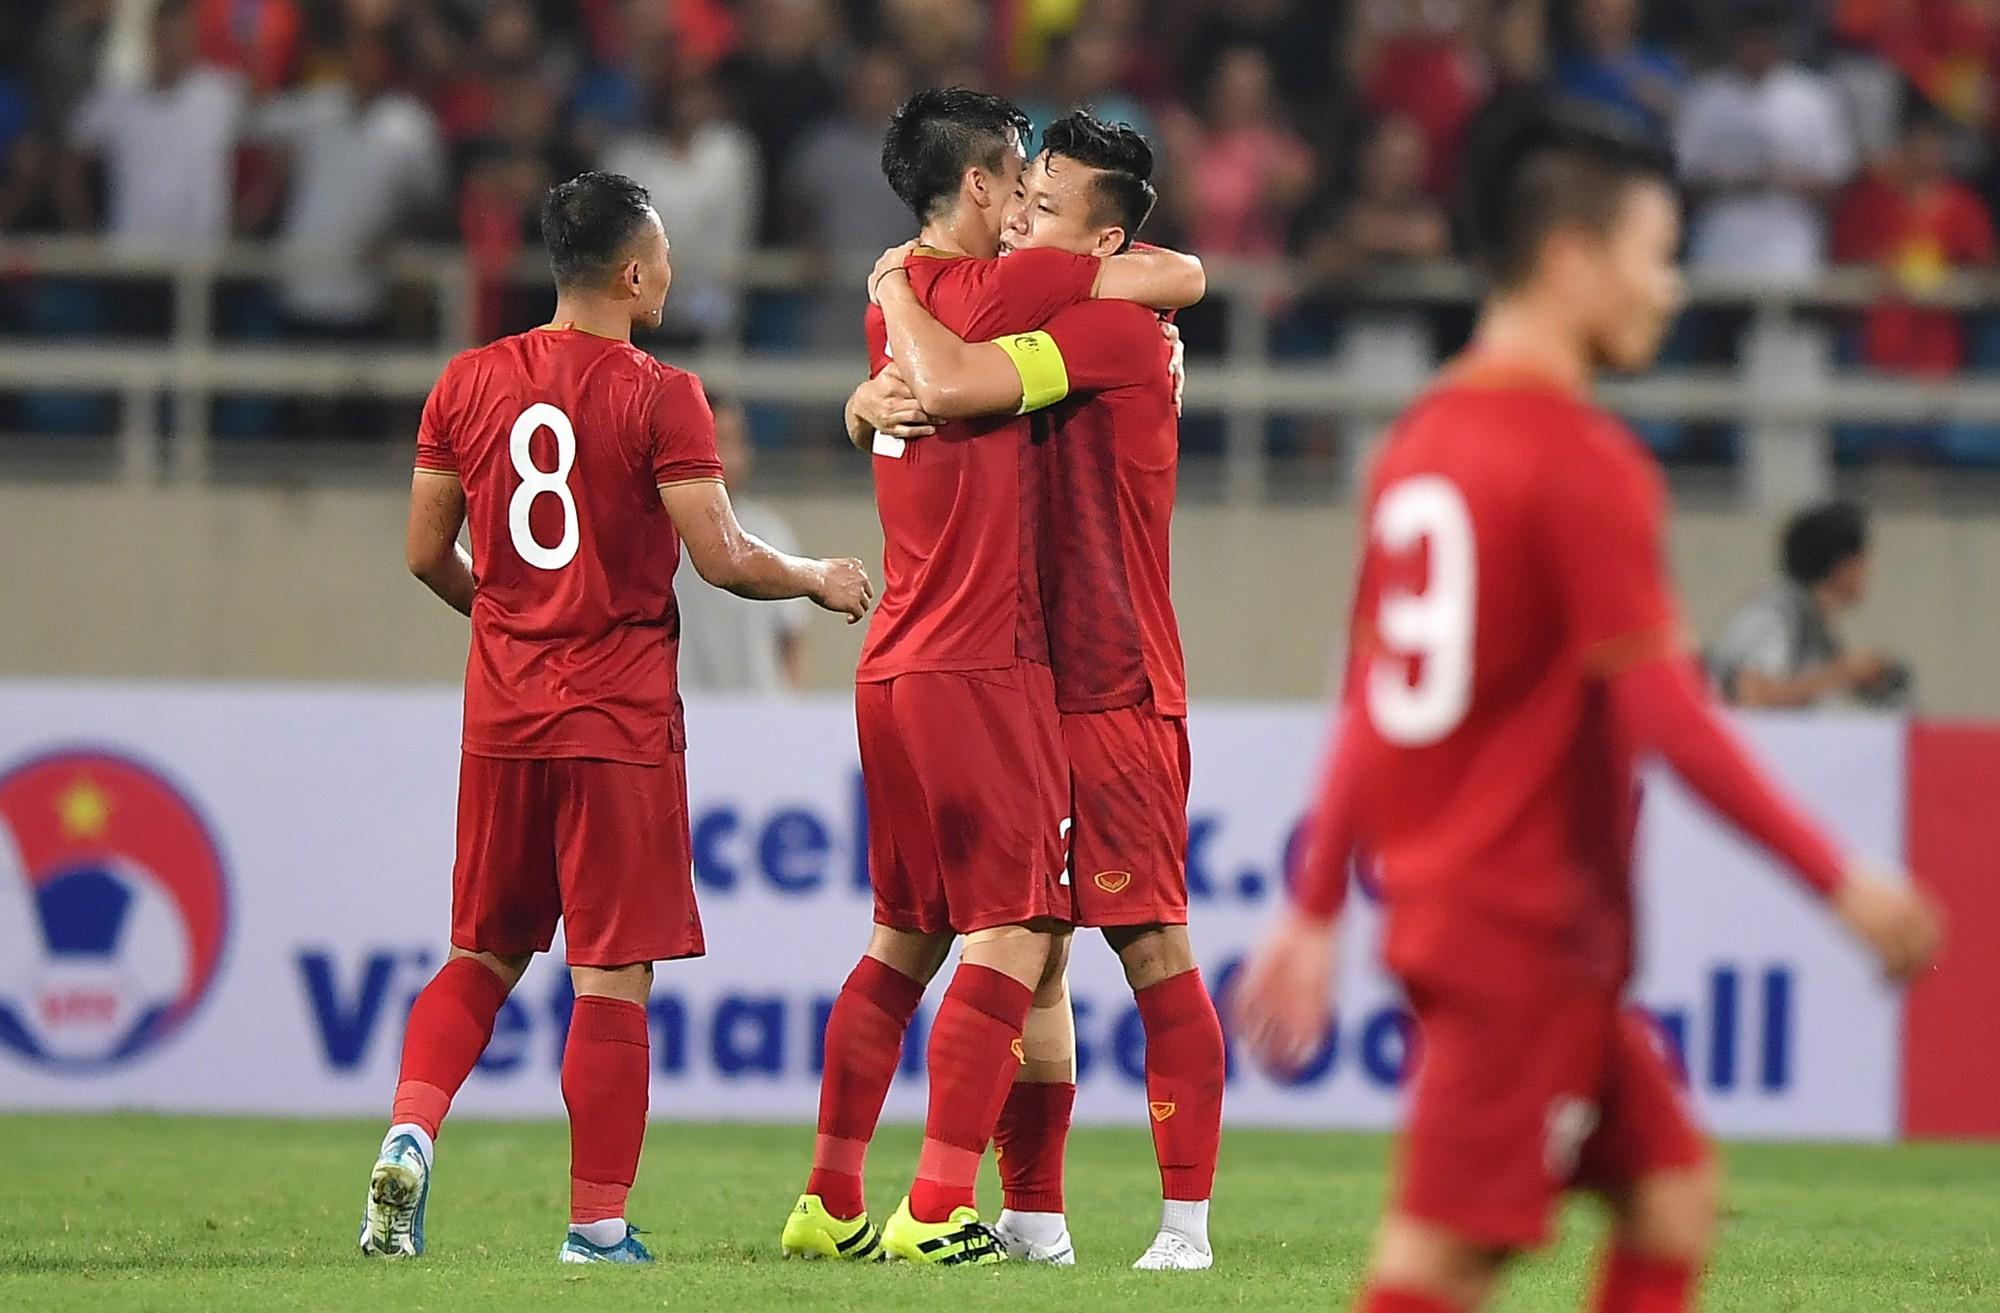 Chiến thắng Indonesia: Khi nền tảng thể lực trở thành vũ khí mạnh mẽ của Đội tuyển Quốc gia Việt Nam - Ảnh 1.